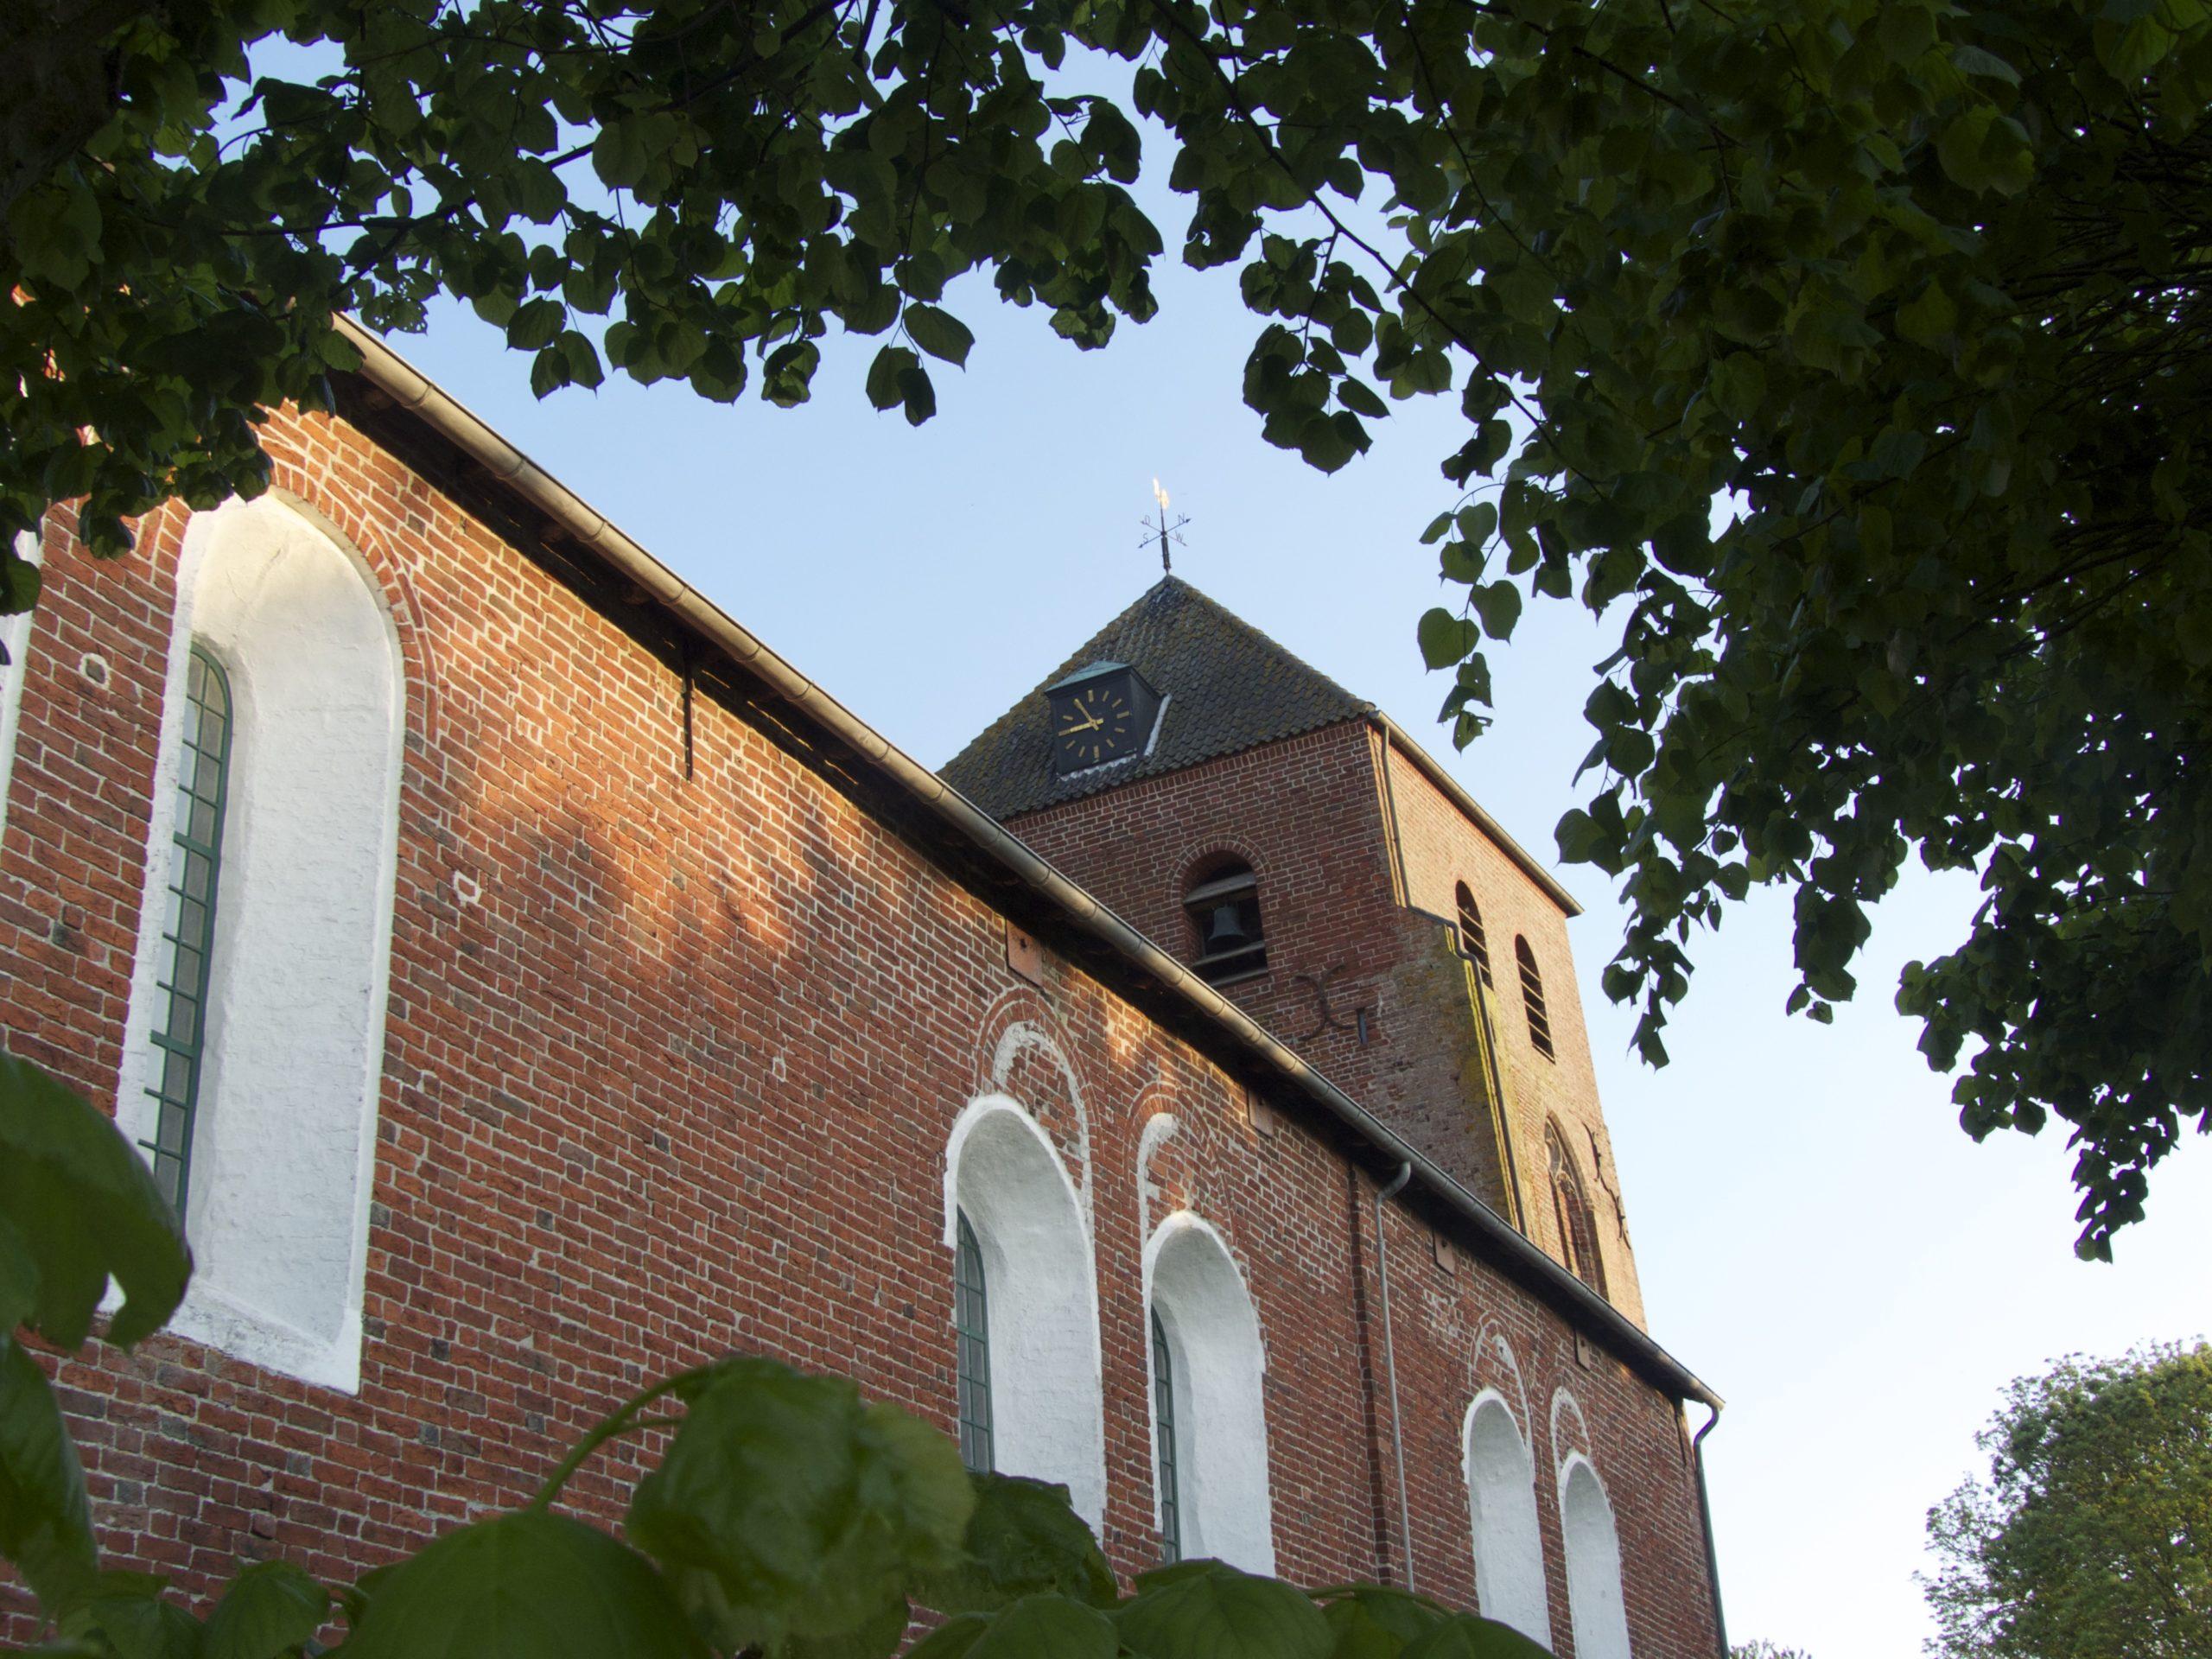 Uttumer Kirche